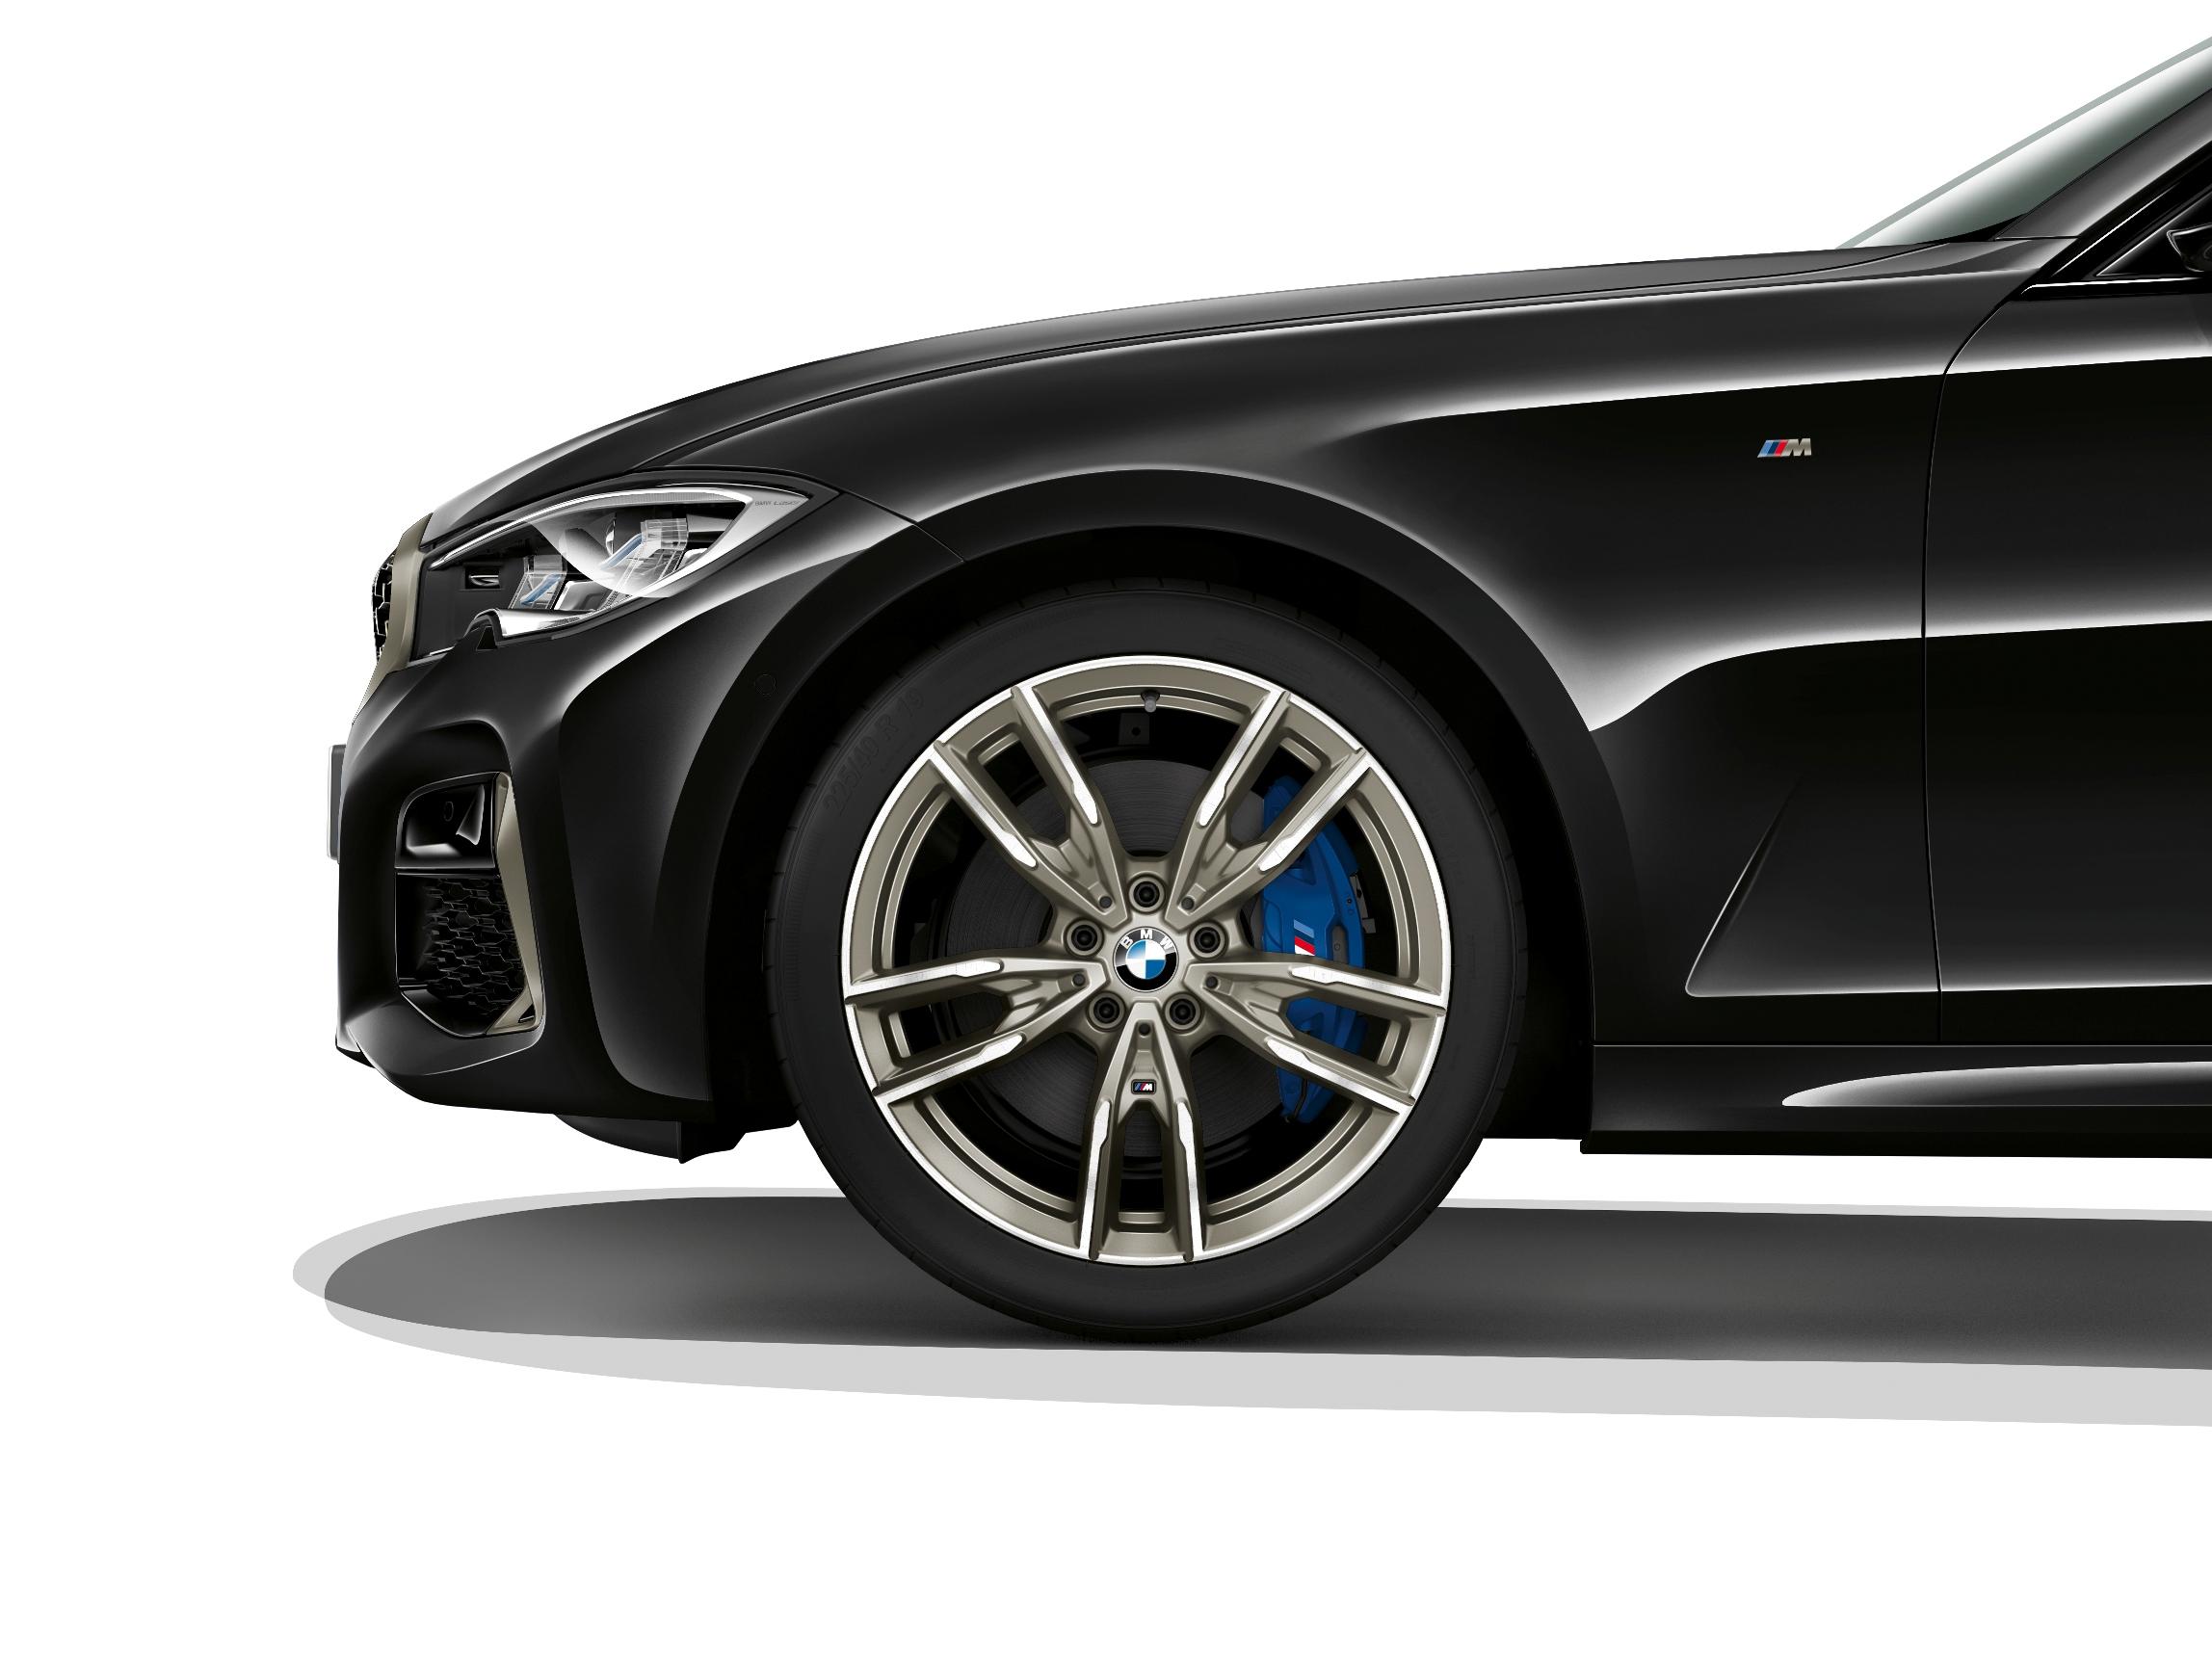 9 吋 M 款雙幅式輕量化輪圈與印有 M 標誌的 M 款專屬藍色卡鉗。